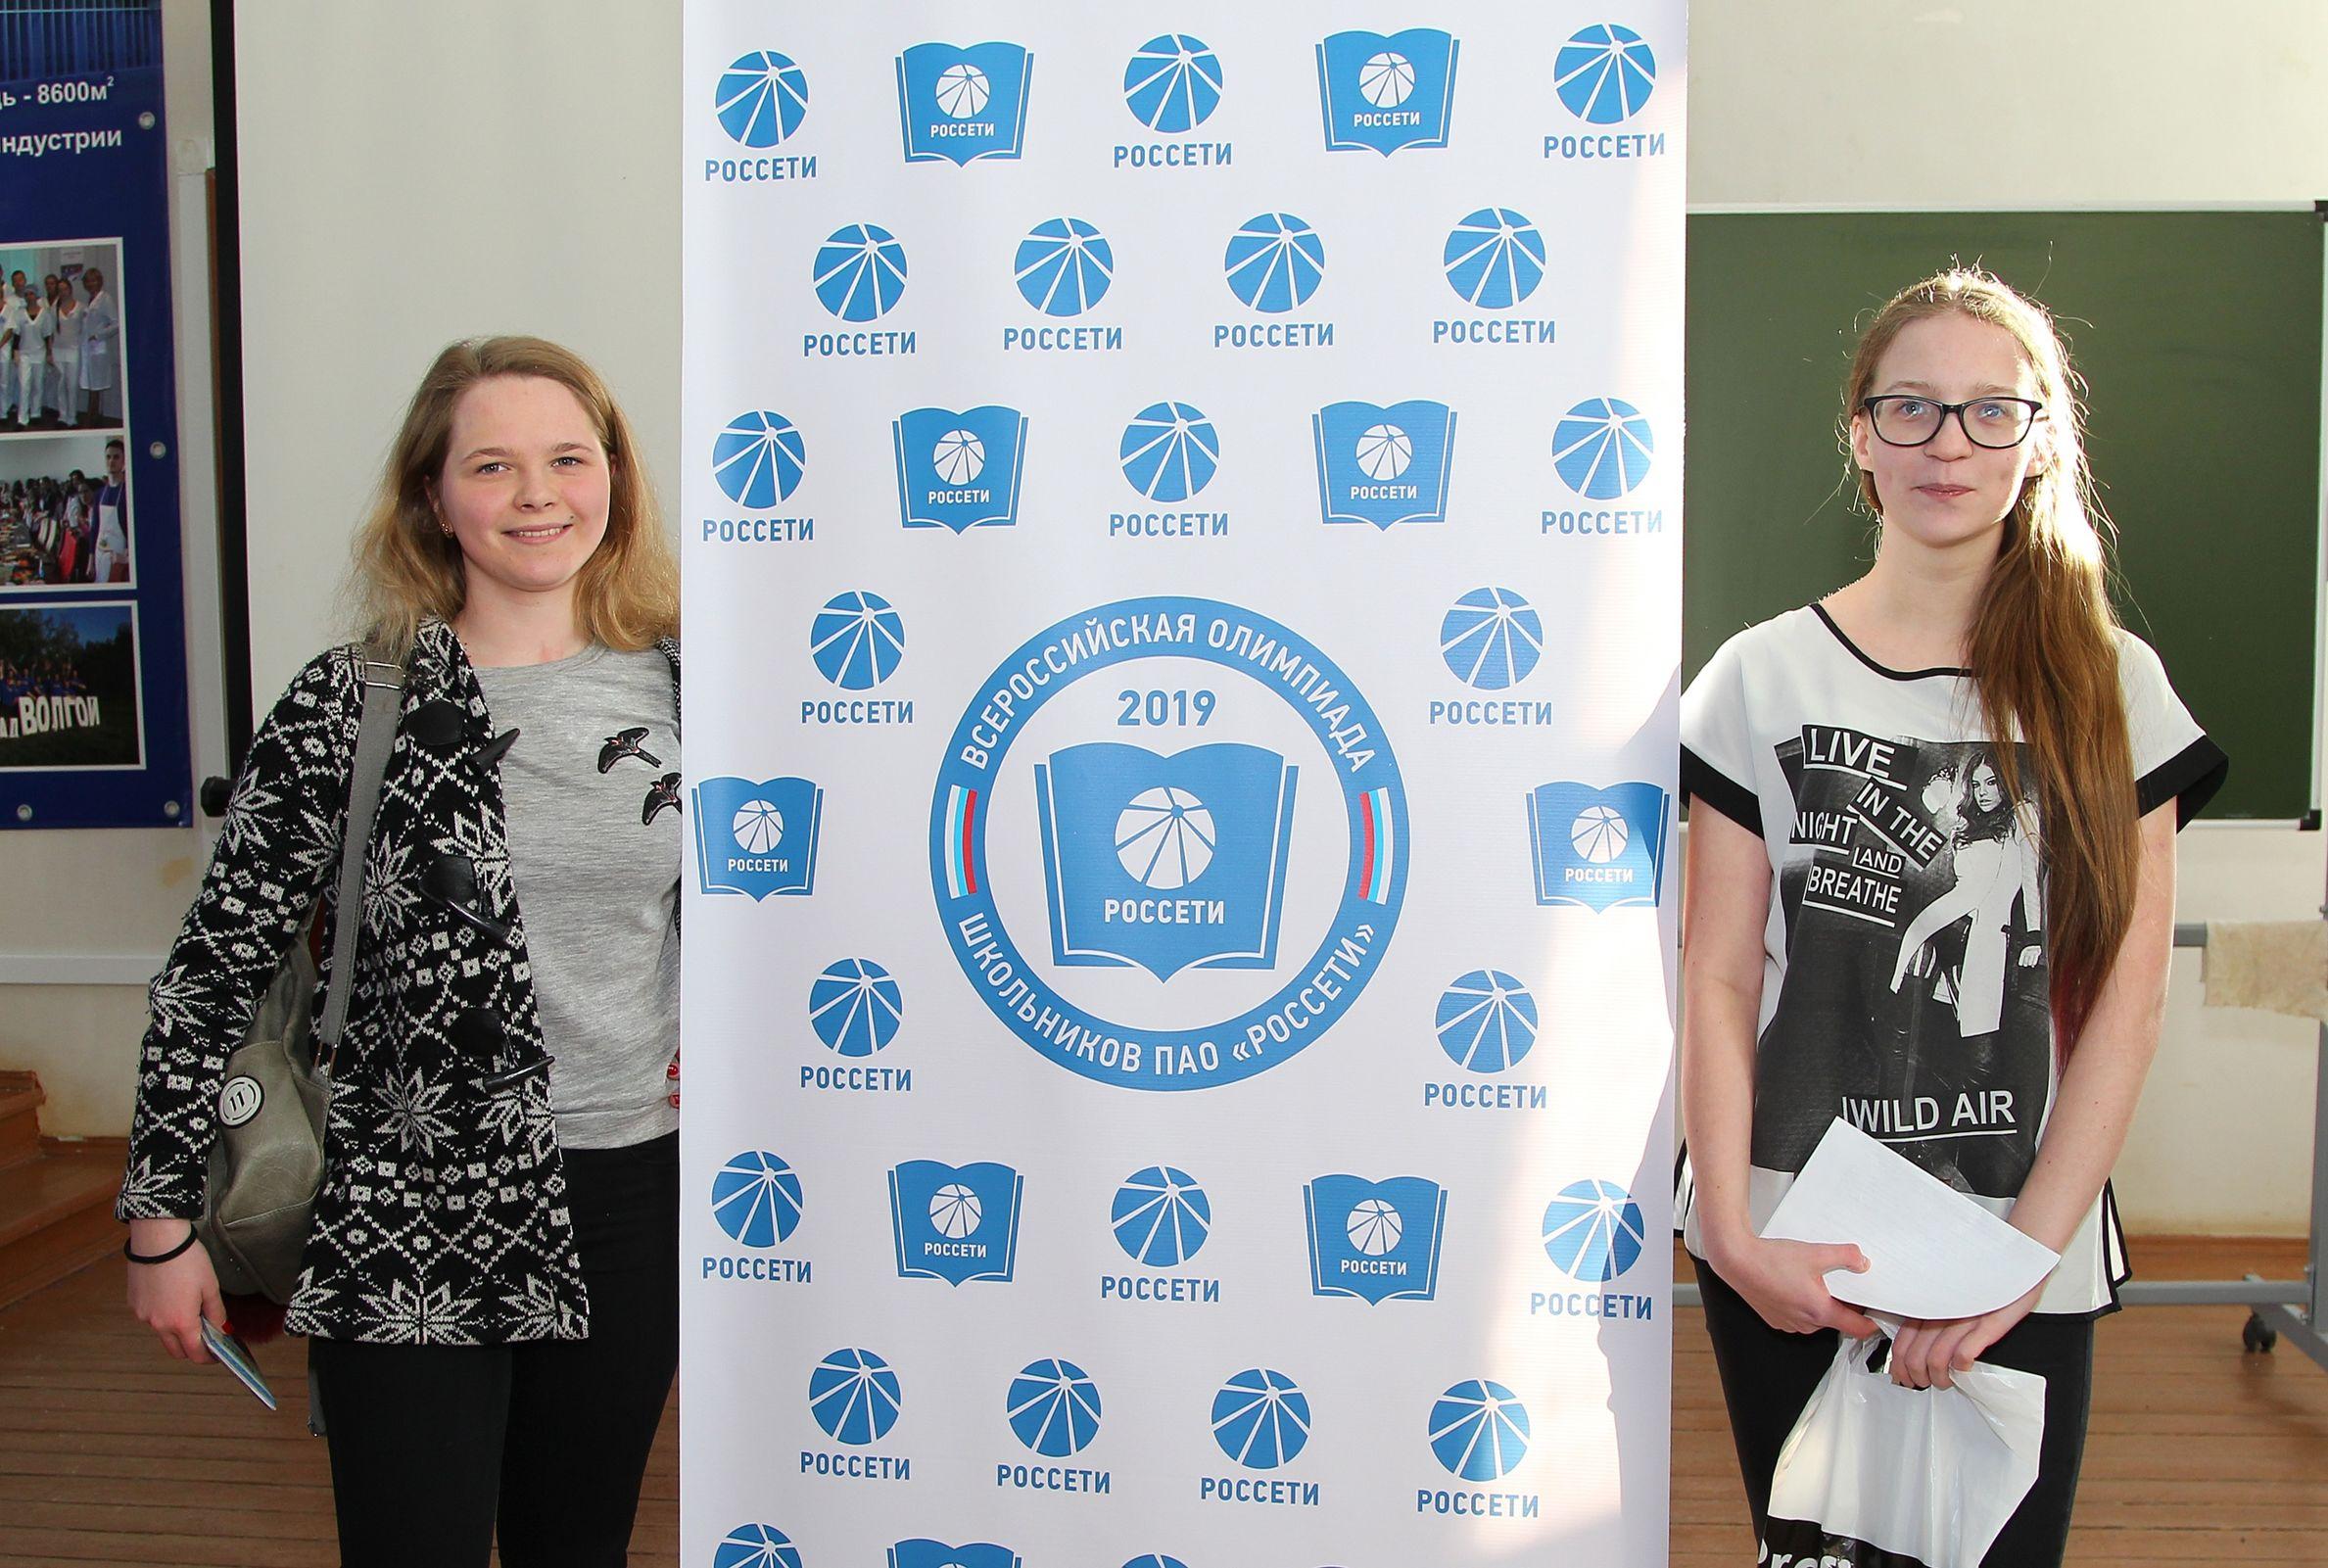 Ярославские школьники выполнили задания олимпиады «Россетей»